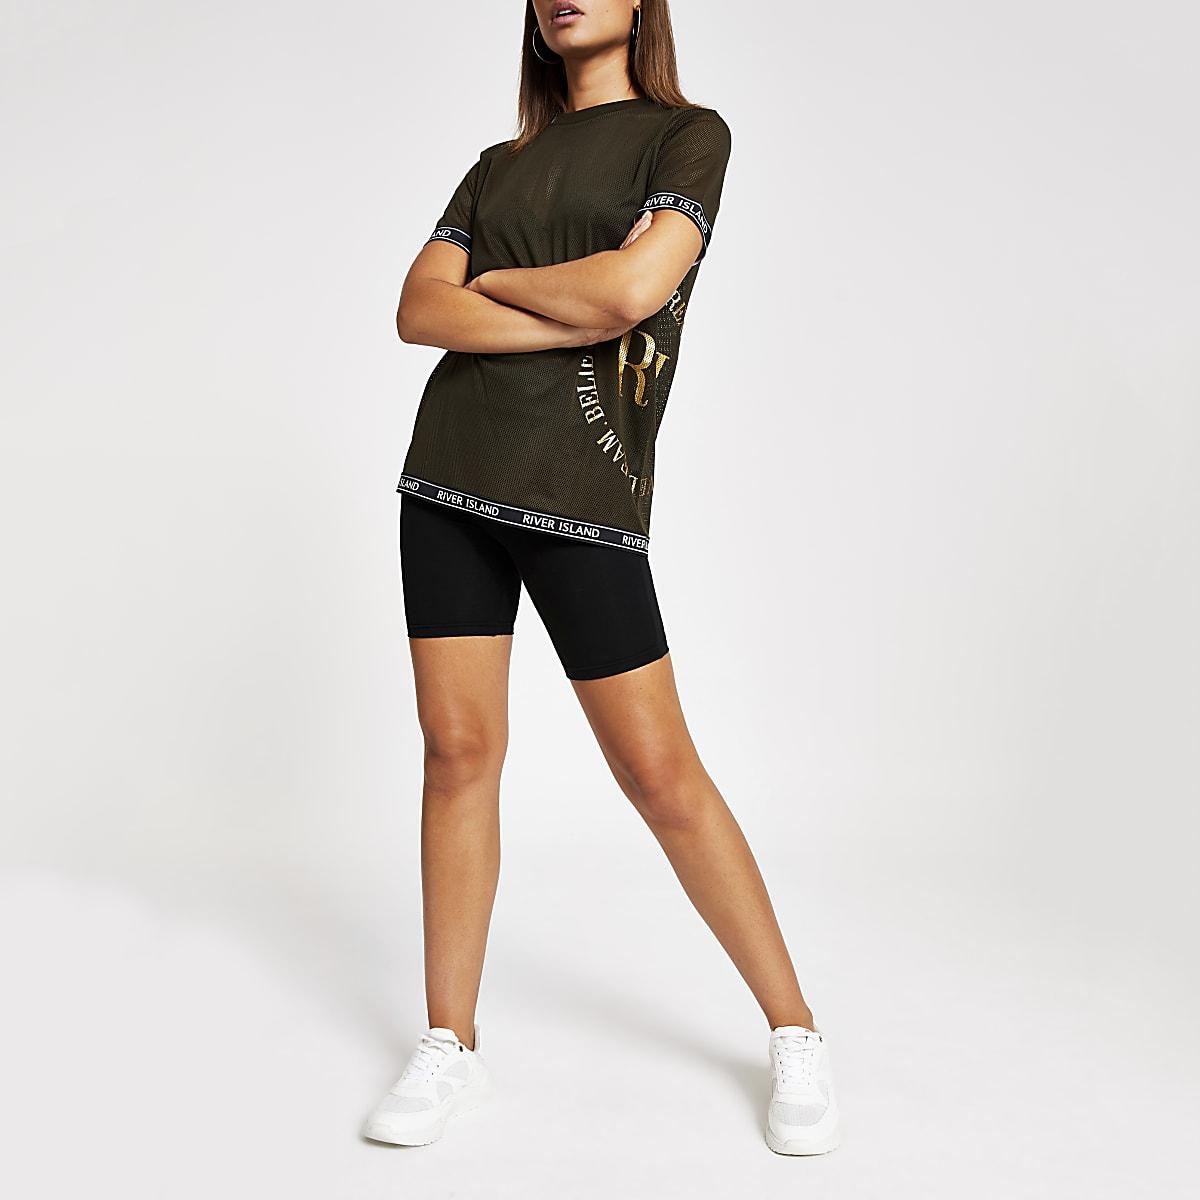 T-shirt en tulle kaki avec bande imprimée RI sur le bord